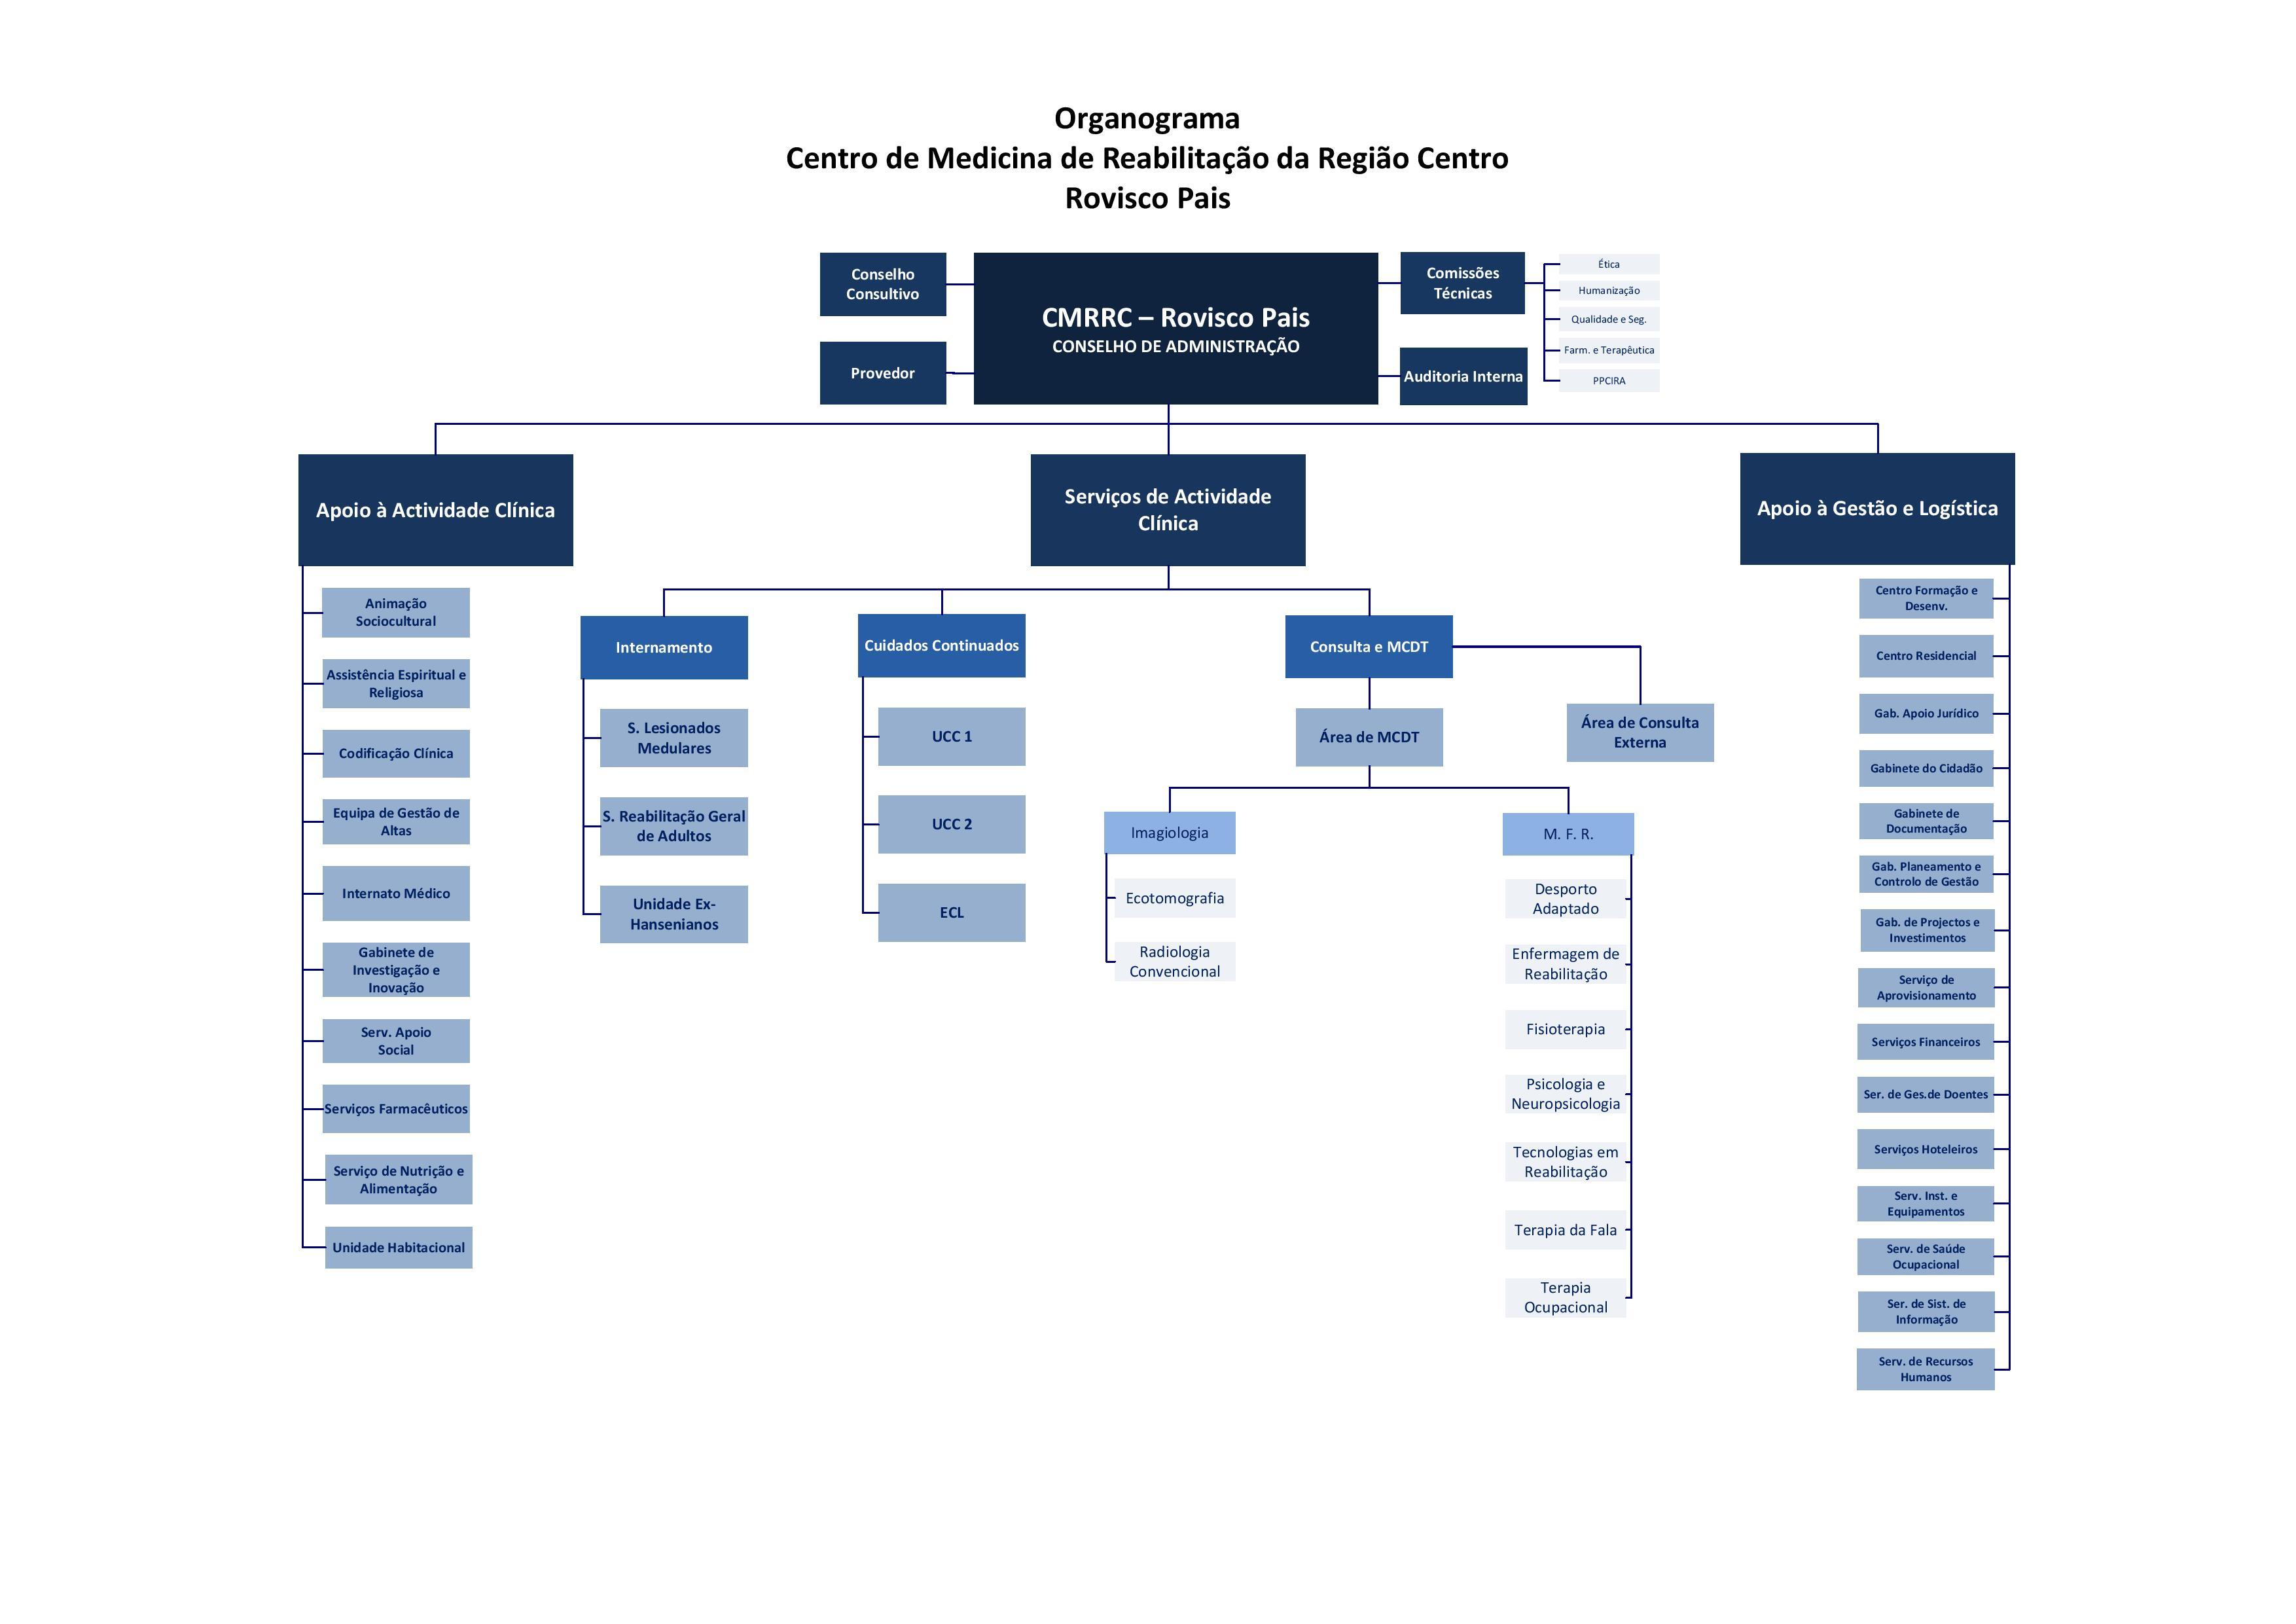 Organograma CMRRC-RP 2016-page-001